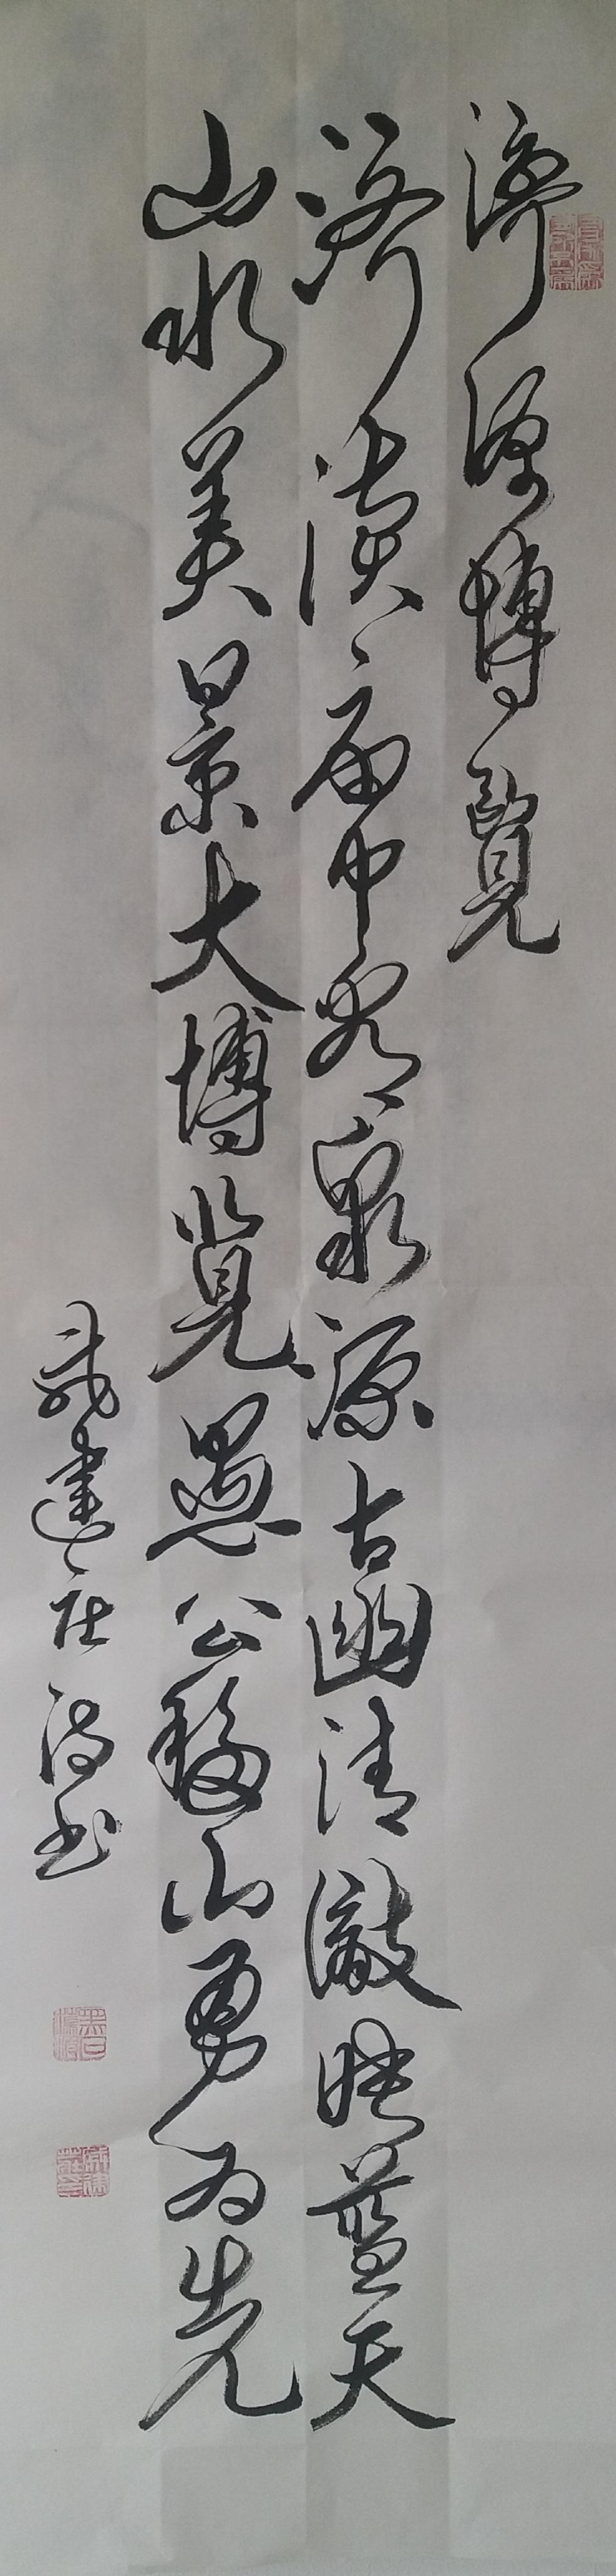 戚建庄:美丽河南诗歌书法(之二十)